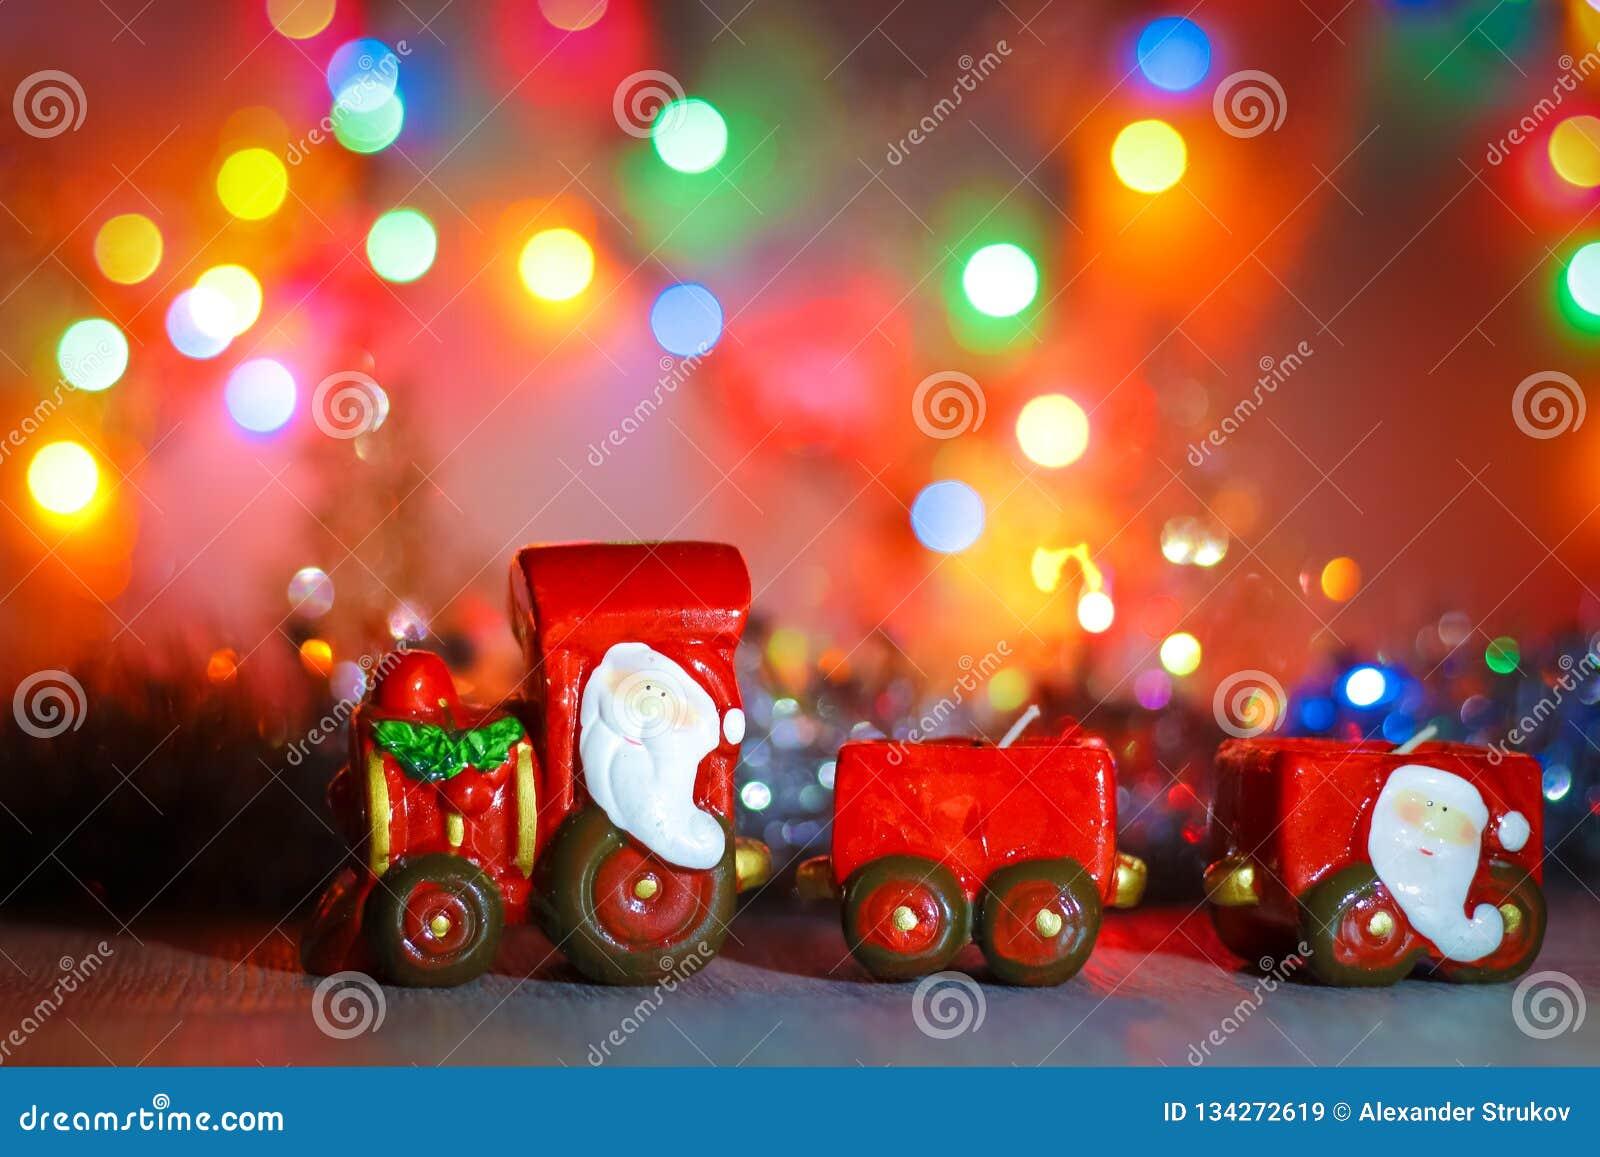 Toy Steam Train met Santa Claus bij een achtergrond van gouden slingers en het onduidelijke beeld van gekleurde lichten